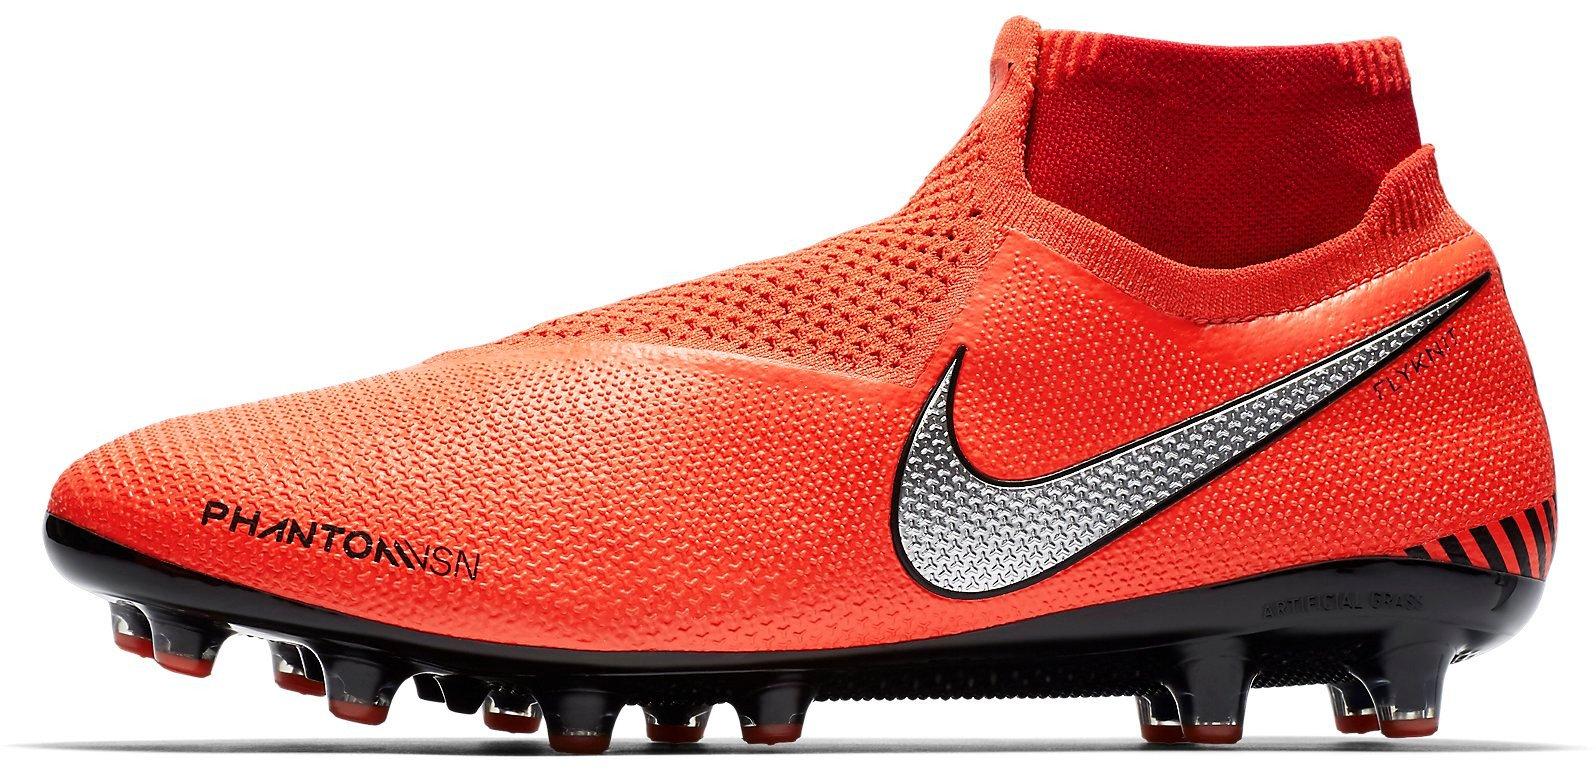 Kopačky Nike PHANTOM VSN ELITE DF AG-PRO červená